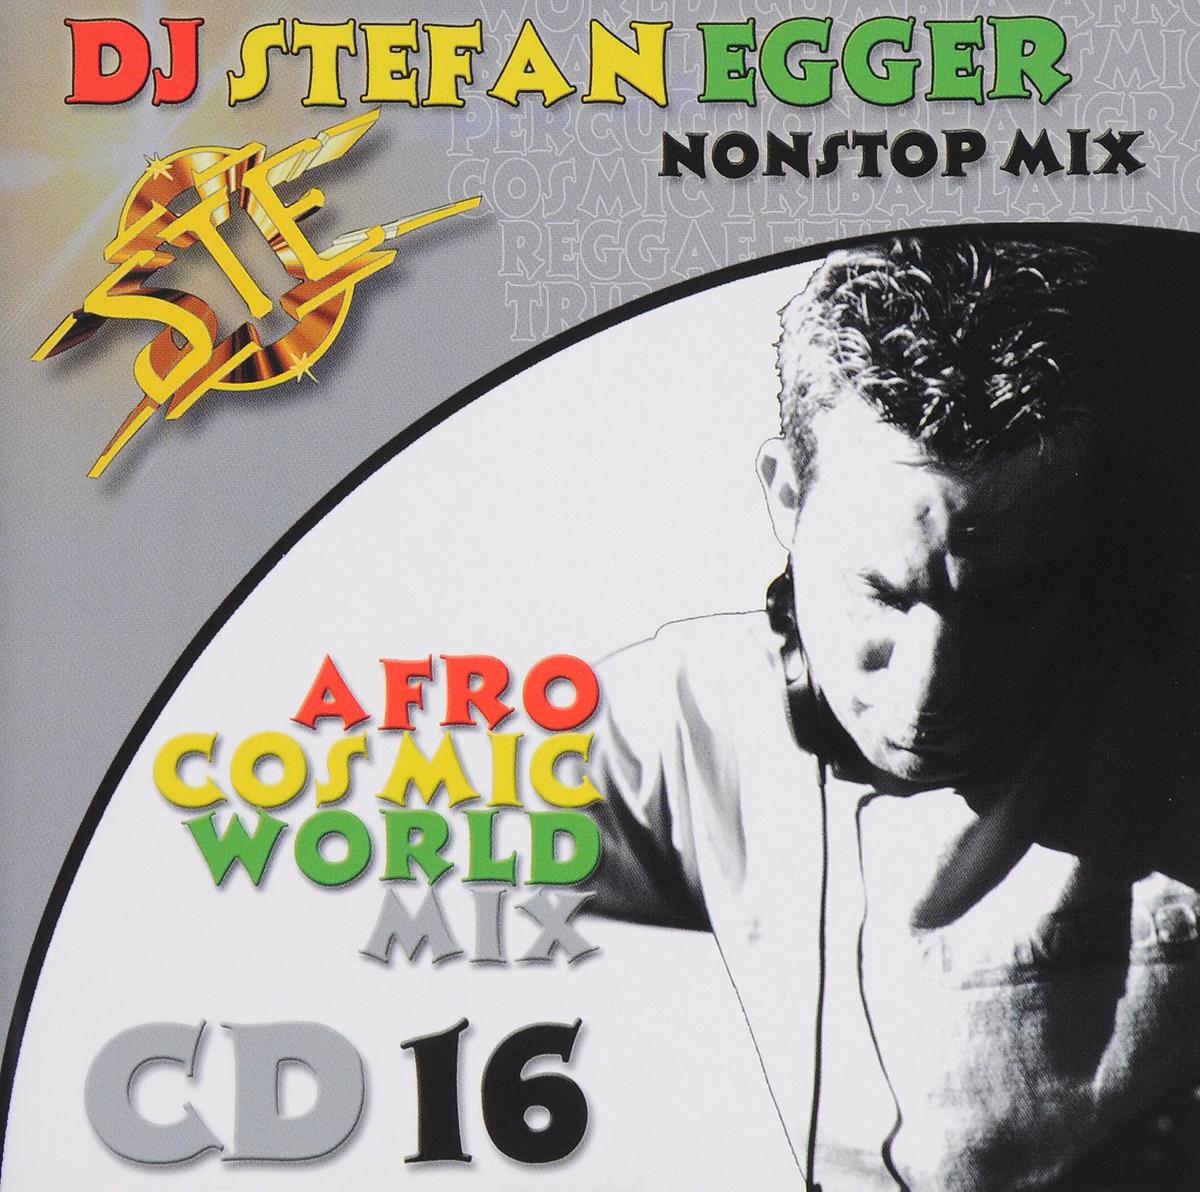 Stefan Egger / DJ Dj Egger. Afroworld CD 16